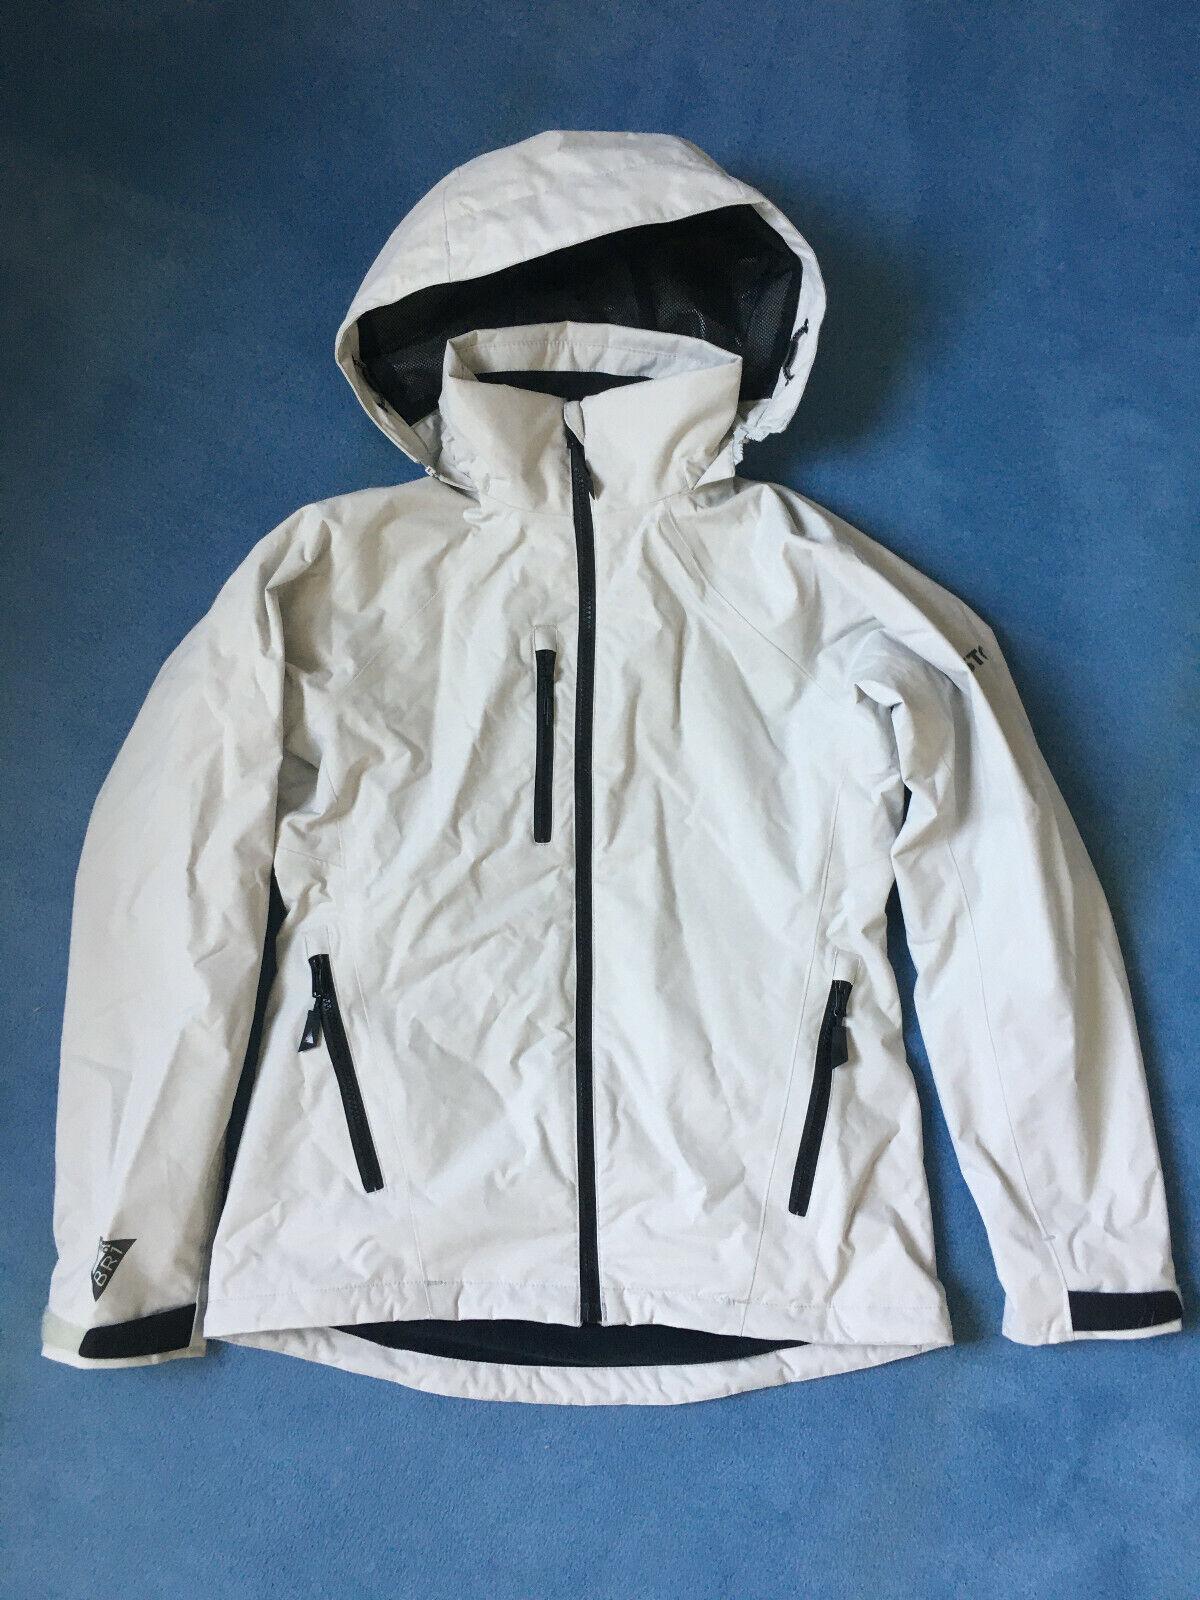 Musto BR1 Jacke - Größe 8 - Segeljacke - Damen